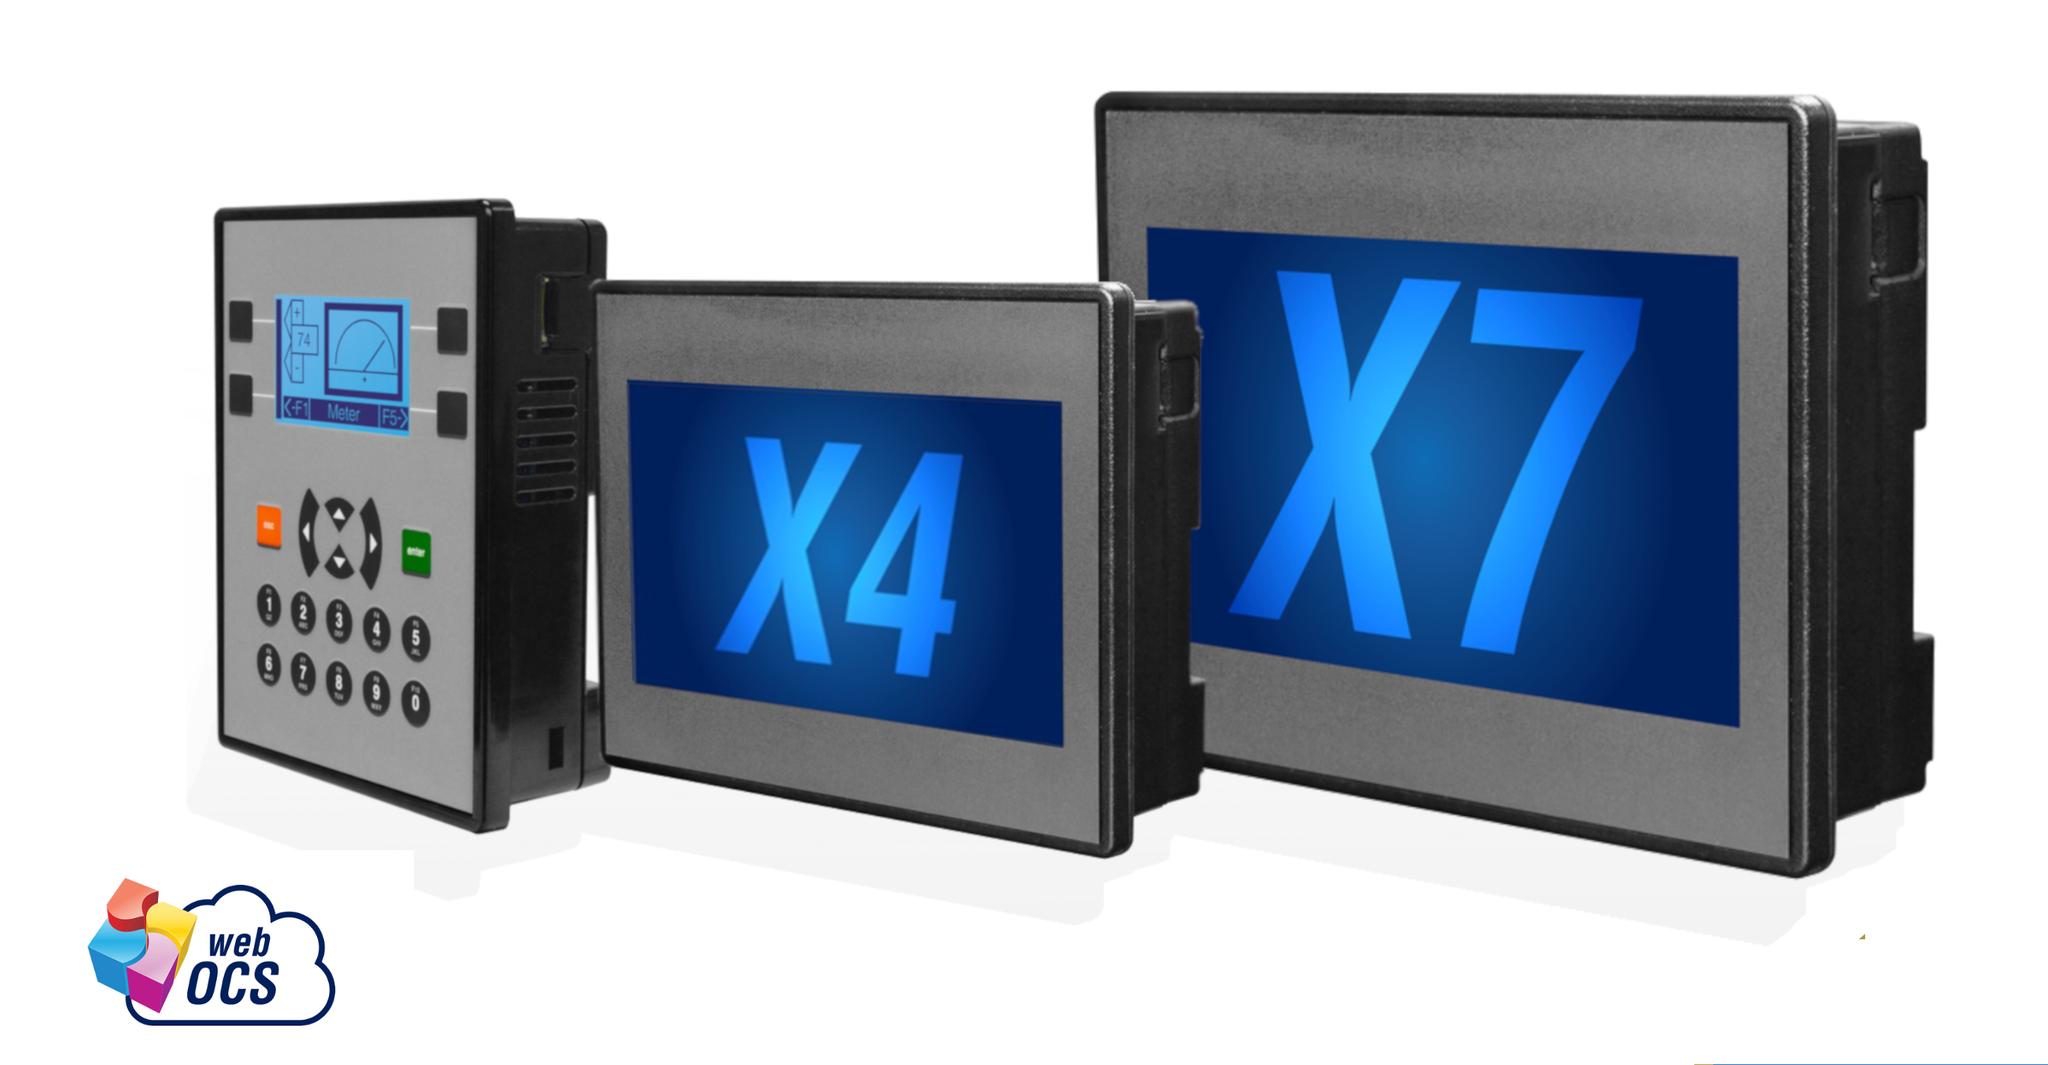 Horner X-series